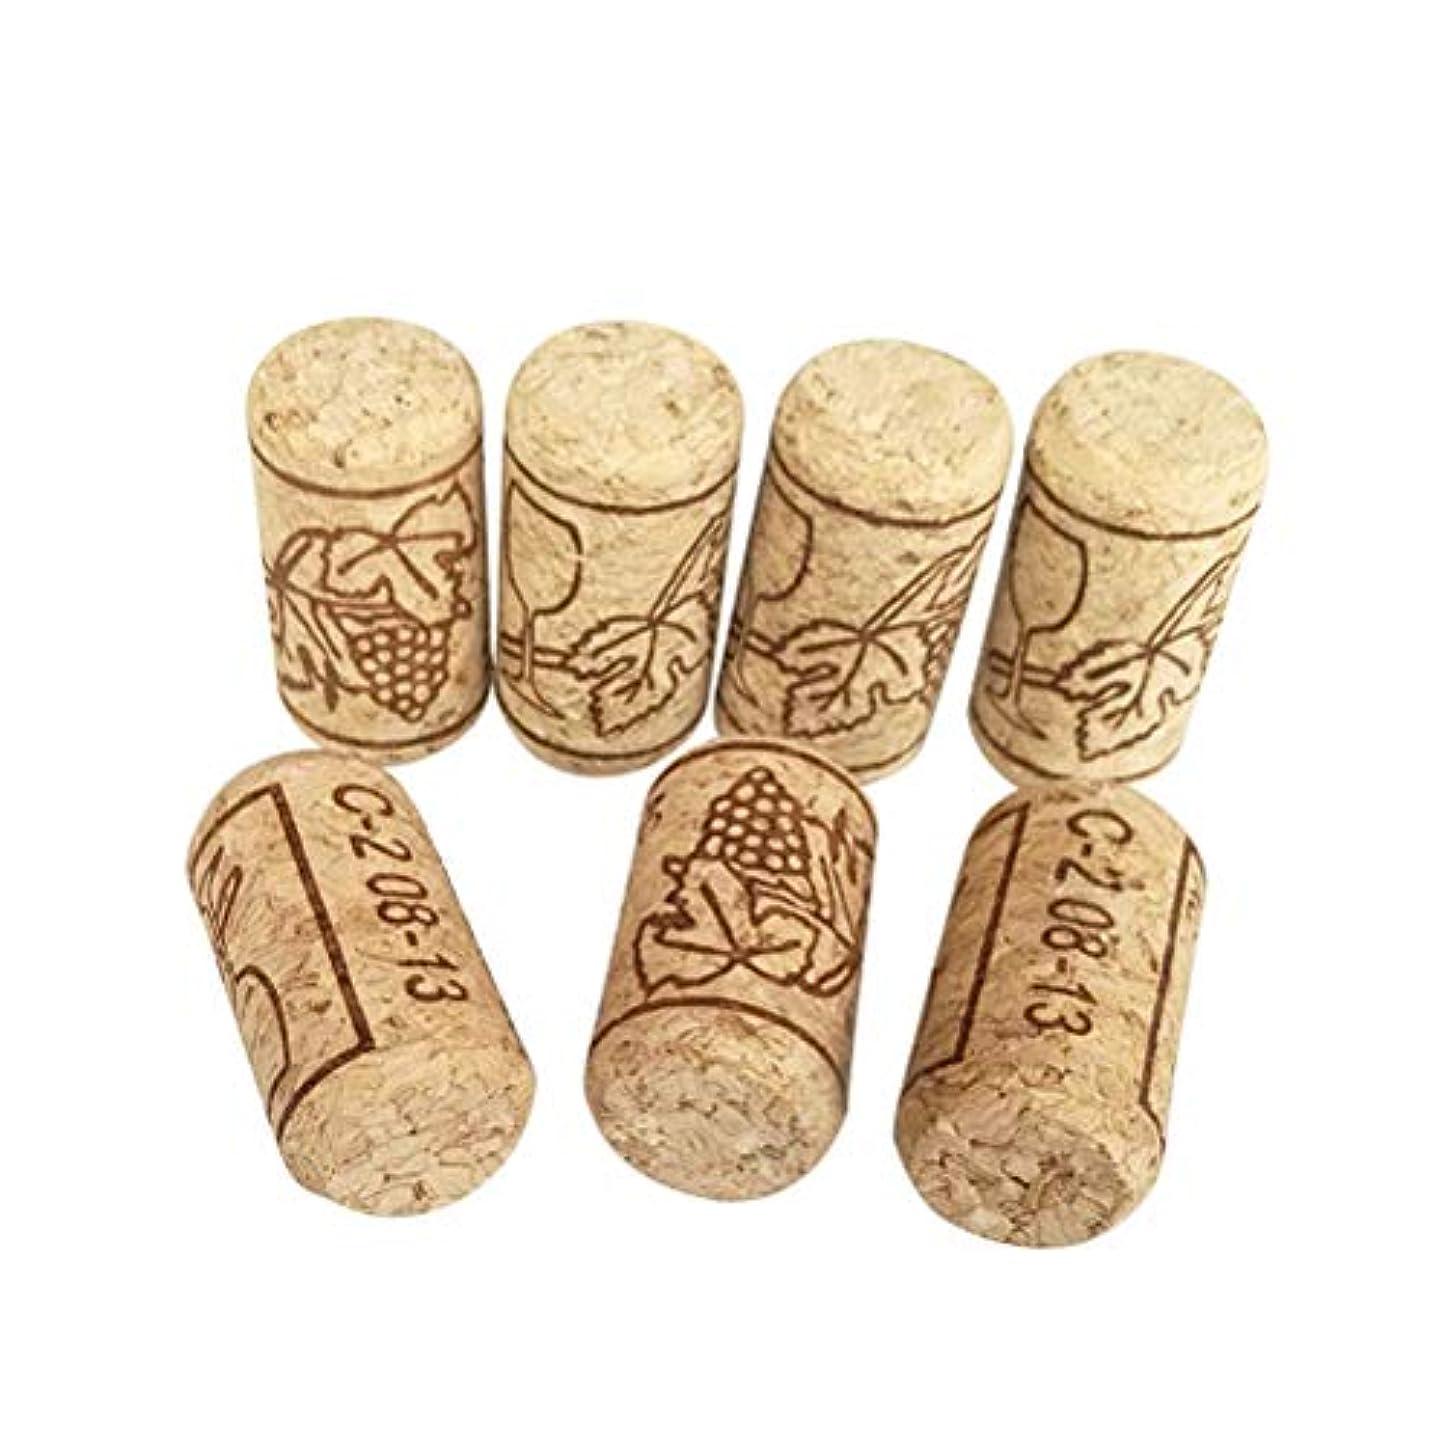 寛大な執着ハリケーンACAMPTAR 100個ワインコルク再利用可能なクリエイティブ機能ポータブルシーリングワインコルクワインボトルカバー、ワインボトル用